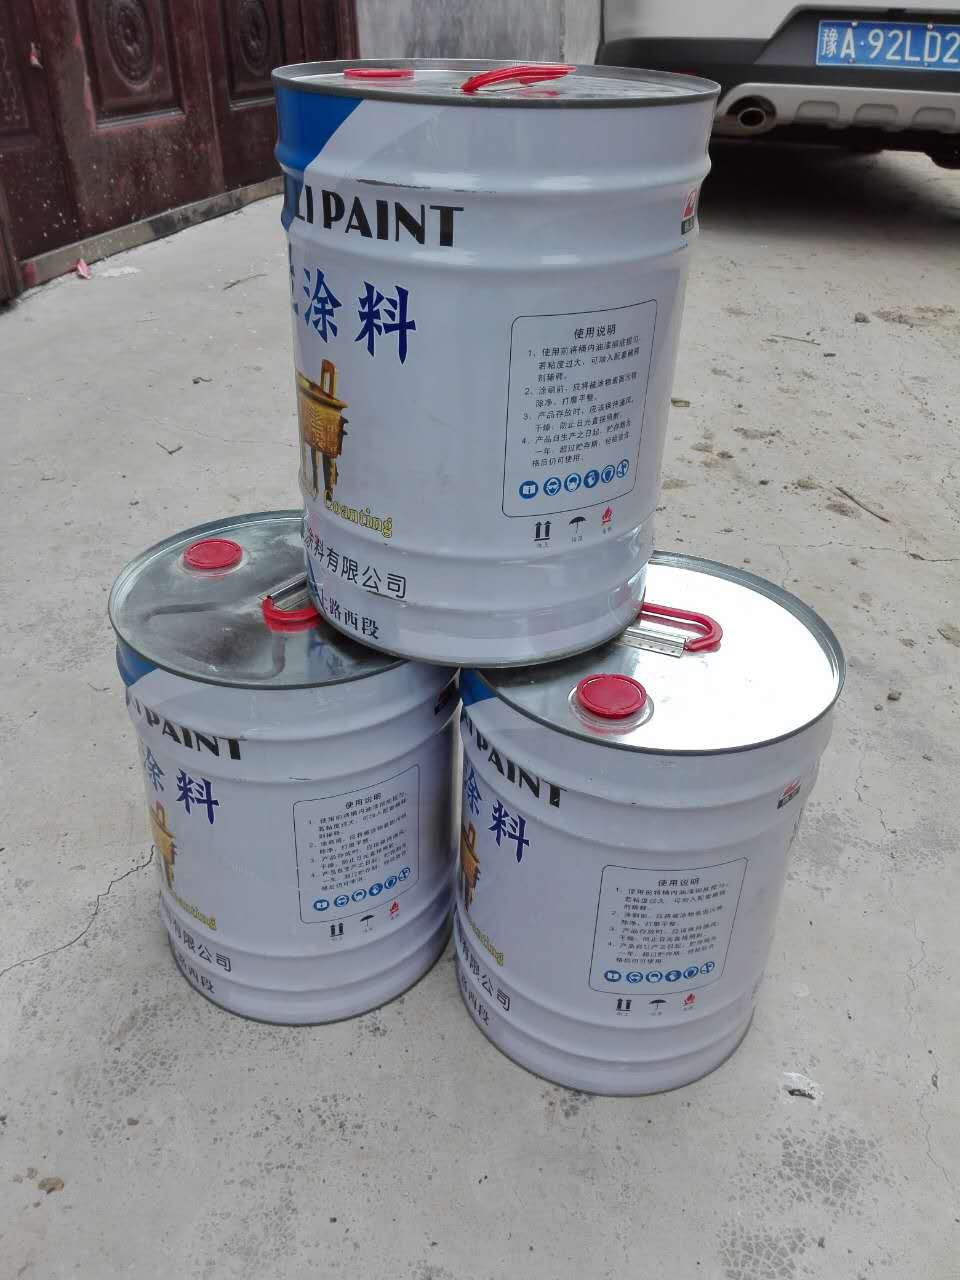 乳白丙烯酸聚氨酯中涂漆厂家直销|郑州哪里有卖丙聚漆?   乳白丙聚中涂漆河南哪家好